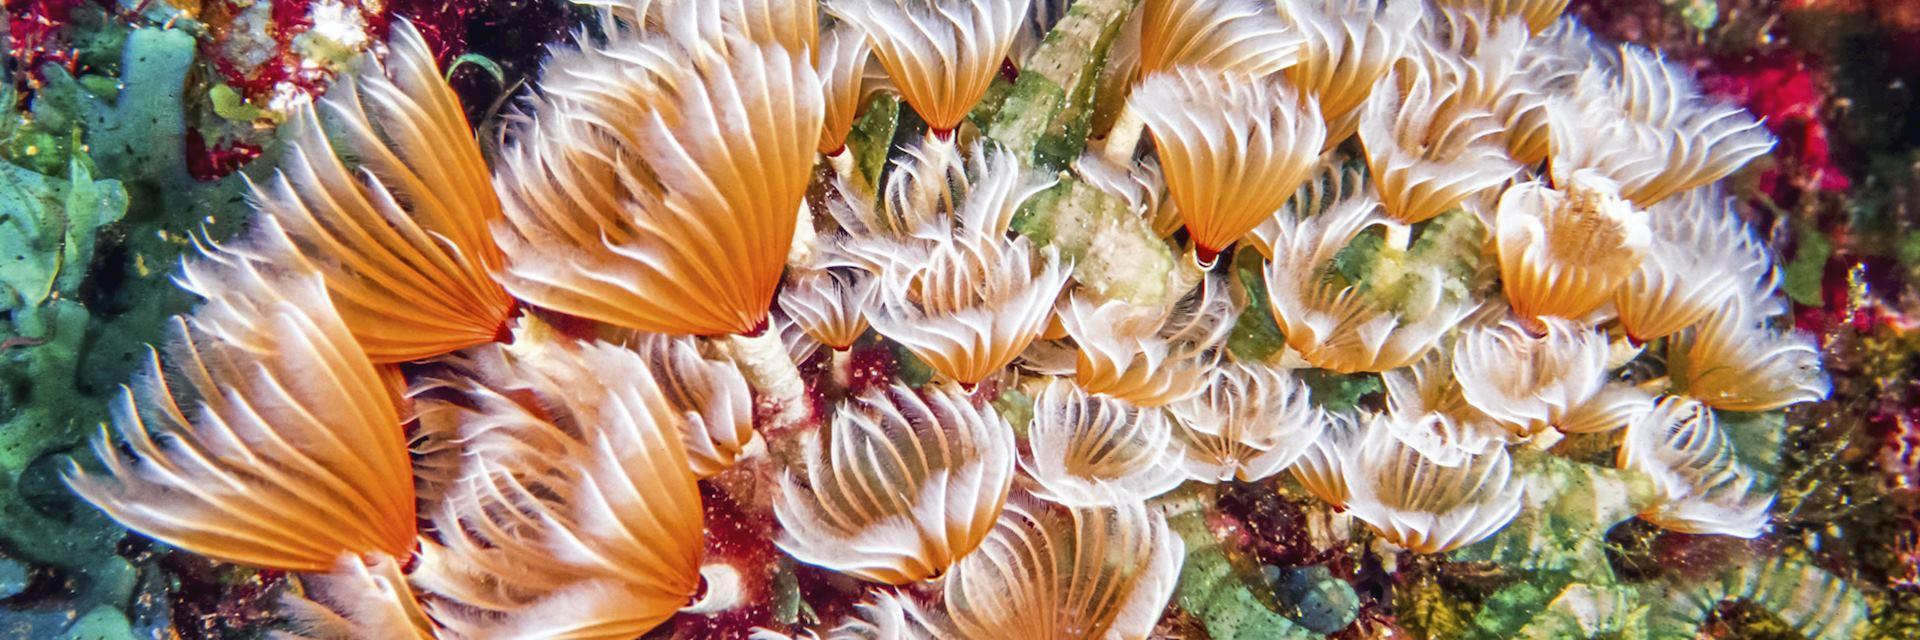 Bispira brunnea, a species of marine bristleworm